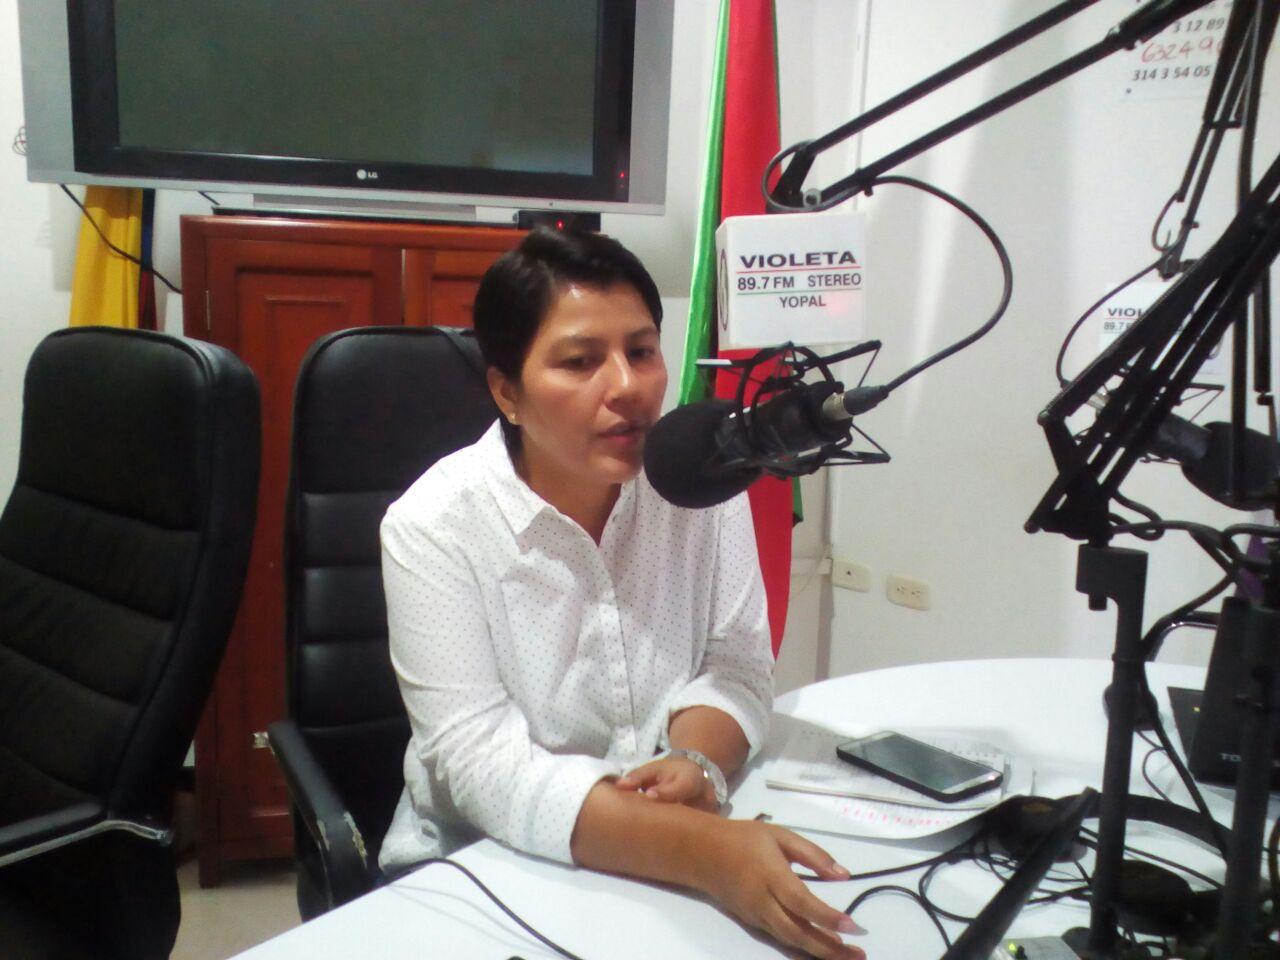 #EnAudio Dir. de Corporinoquia explica solicitud ante la ANLA de audiencia publica sobre proyecto #ElPorton